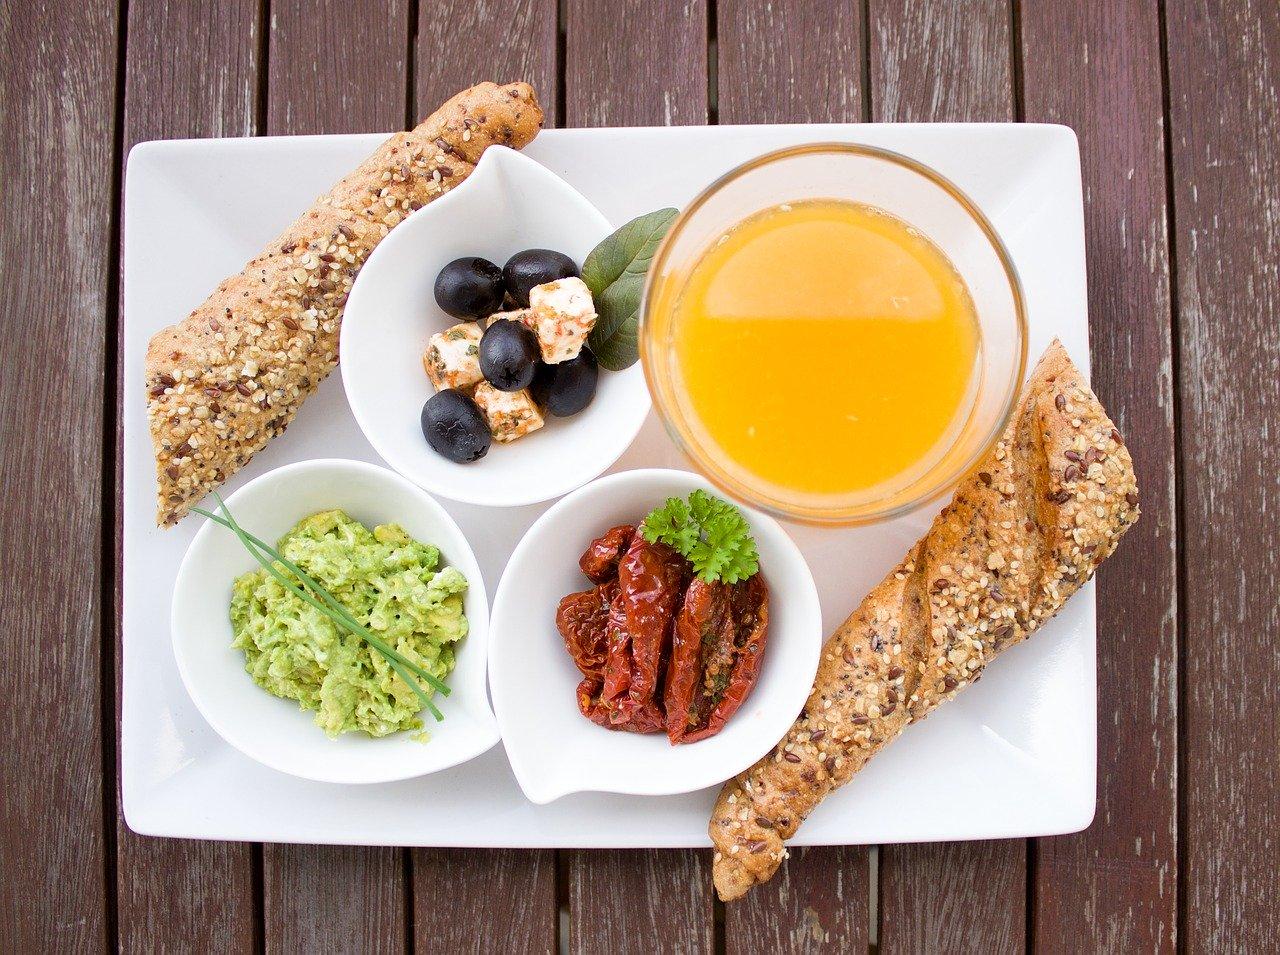 Śródziemnomorskie smaki z pastami warzywnymi Ajvar Podravka